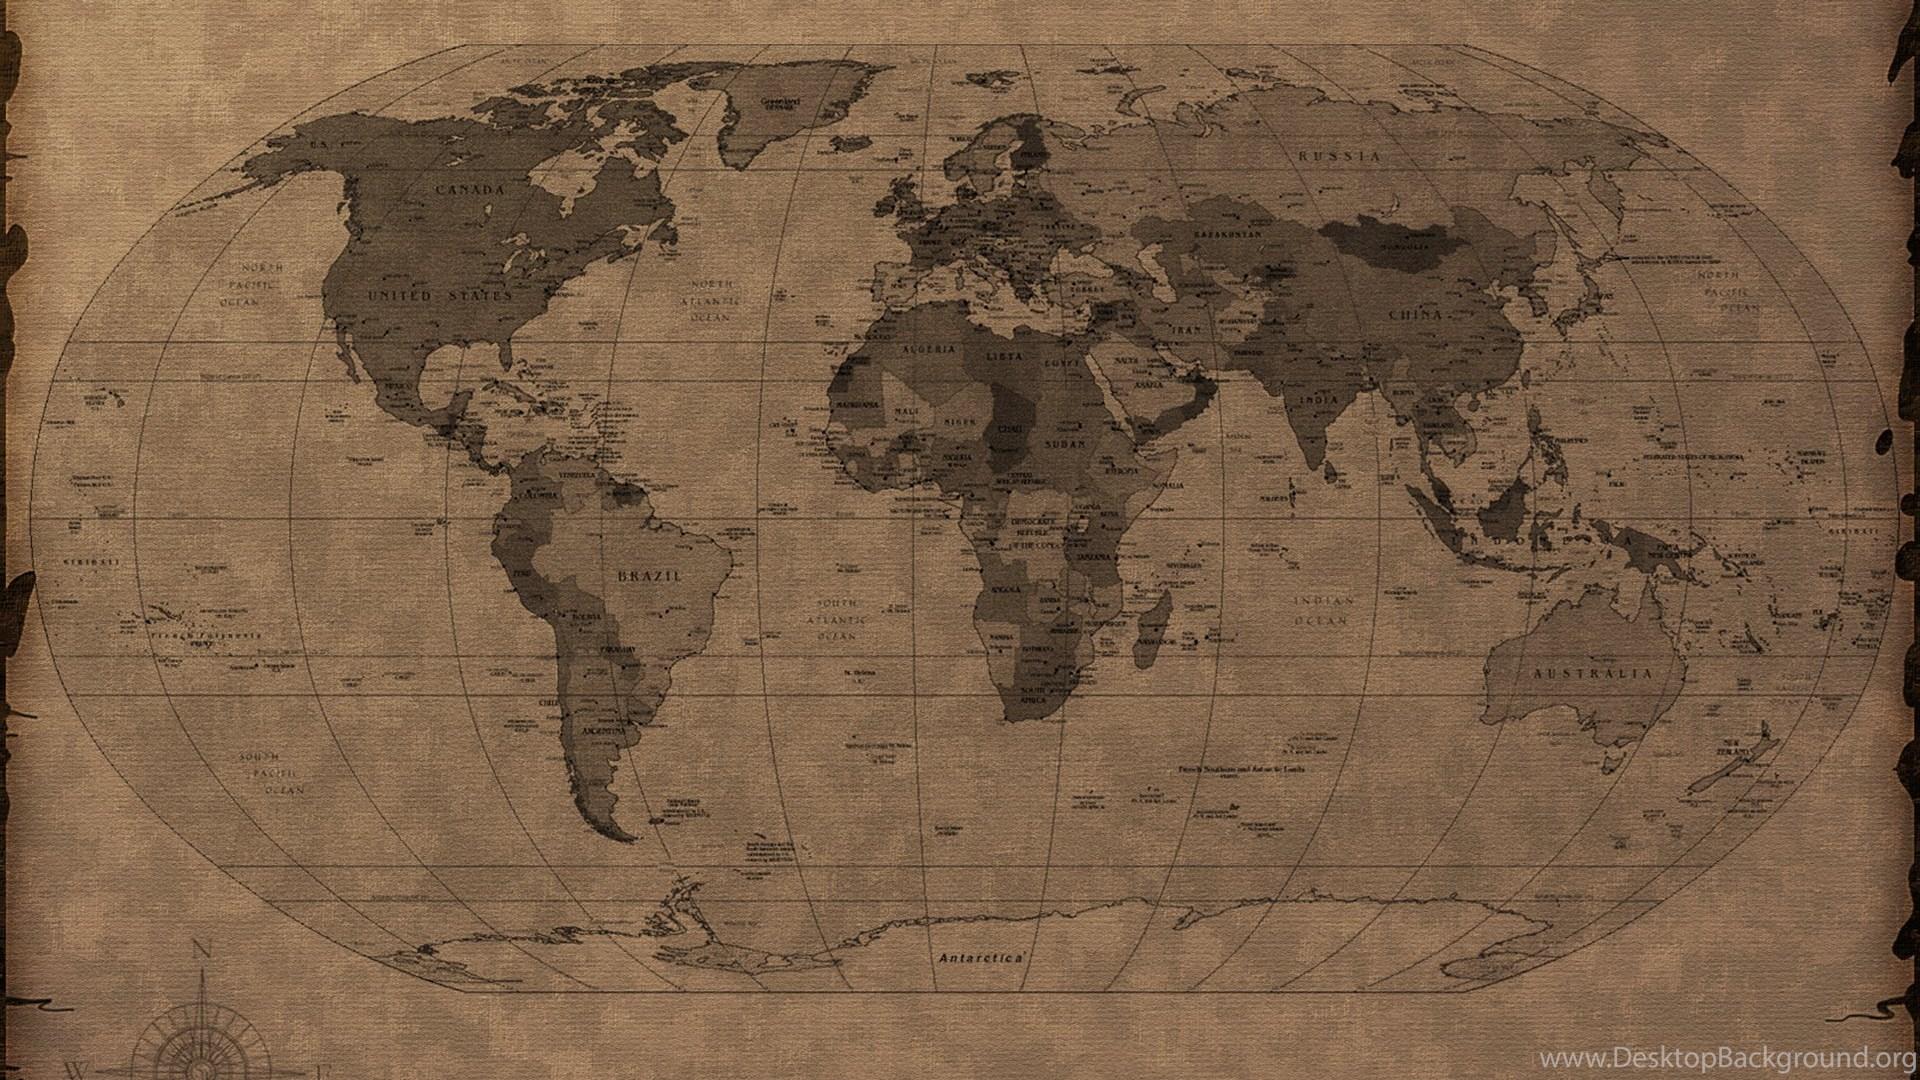 100 world map wallpaper color rasch african queen ii non woven world map wallpaper color awesome world map wallpapers hd wallpapers desktop background gumiabroncs Gallery